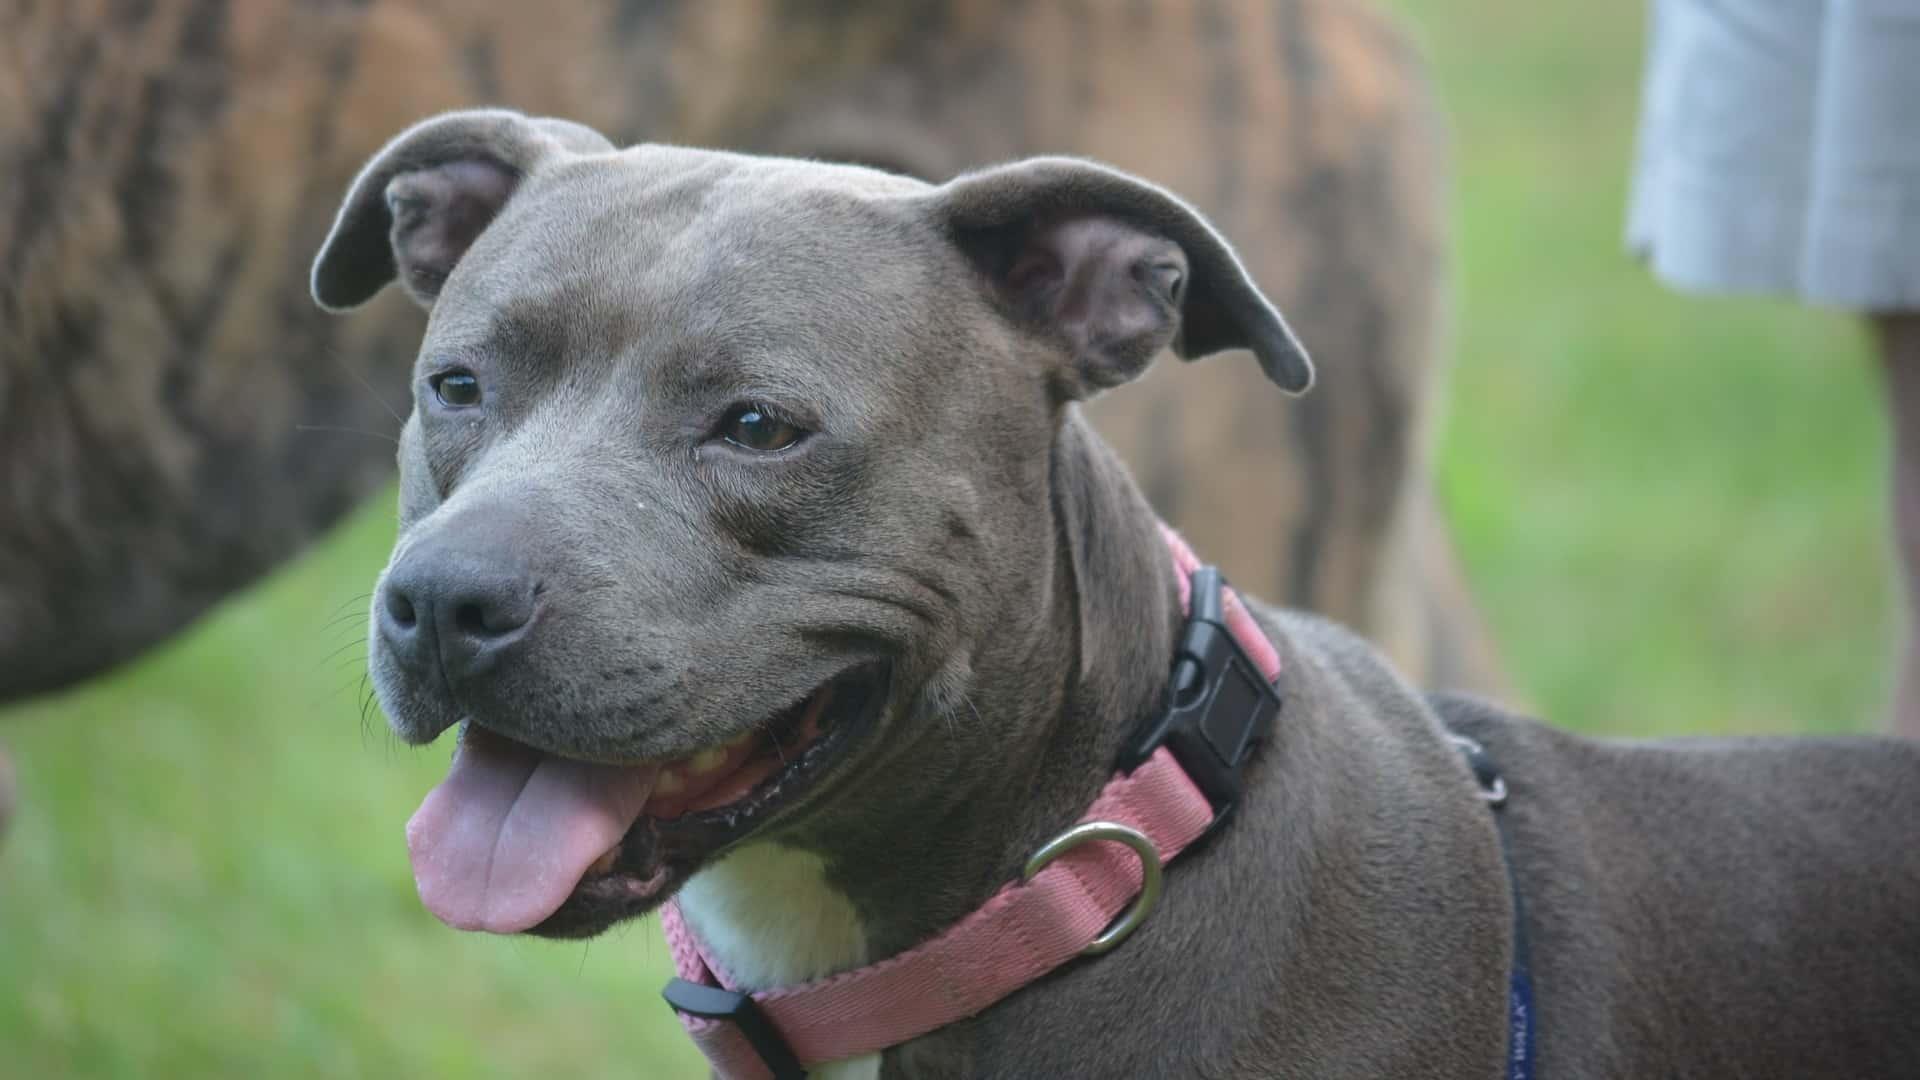 Staffordshire Bull Terrier : Prix de ce chien, Caractère, Santé, Alimentation